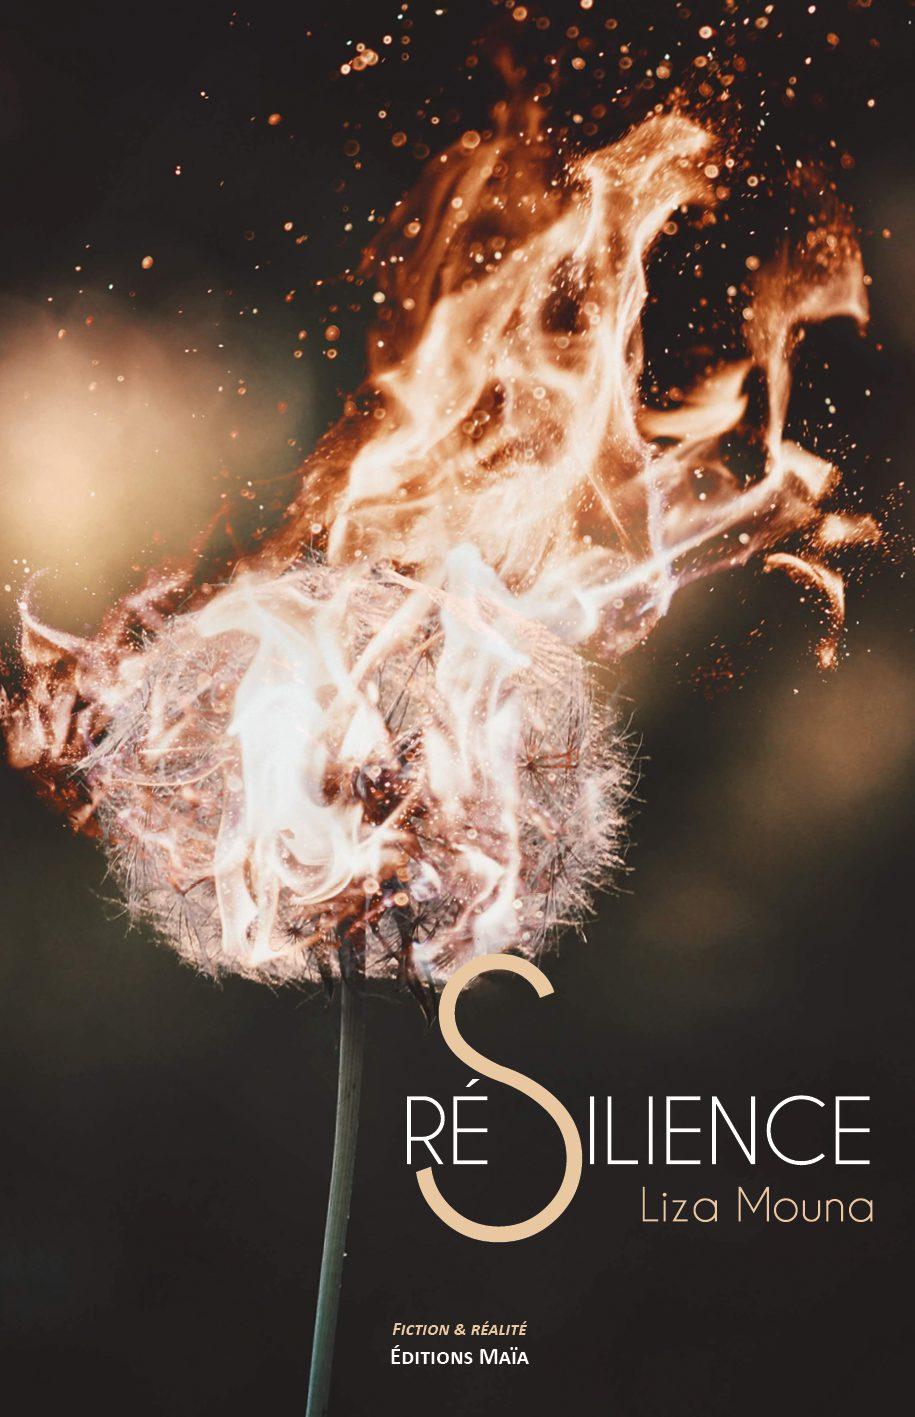 Entretien avec Liza Mouna – Résilience